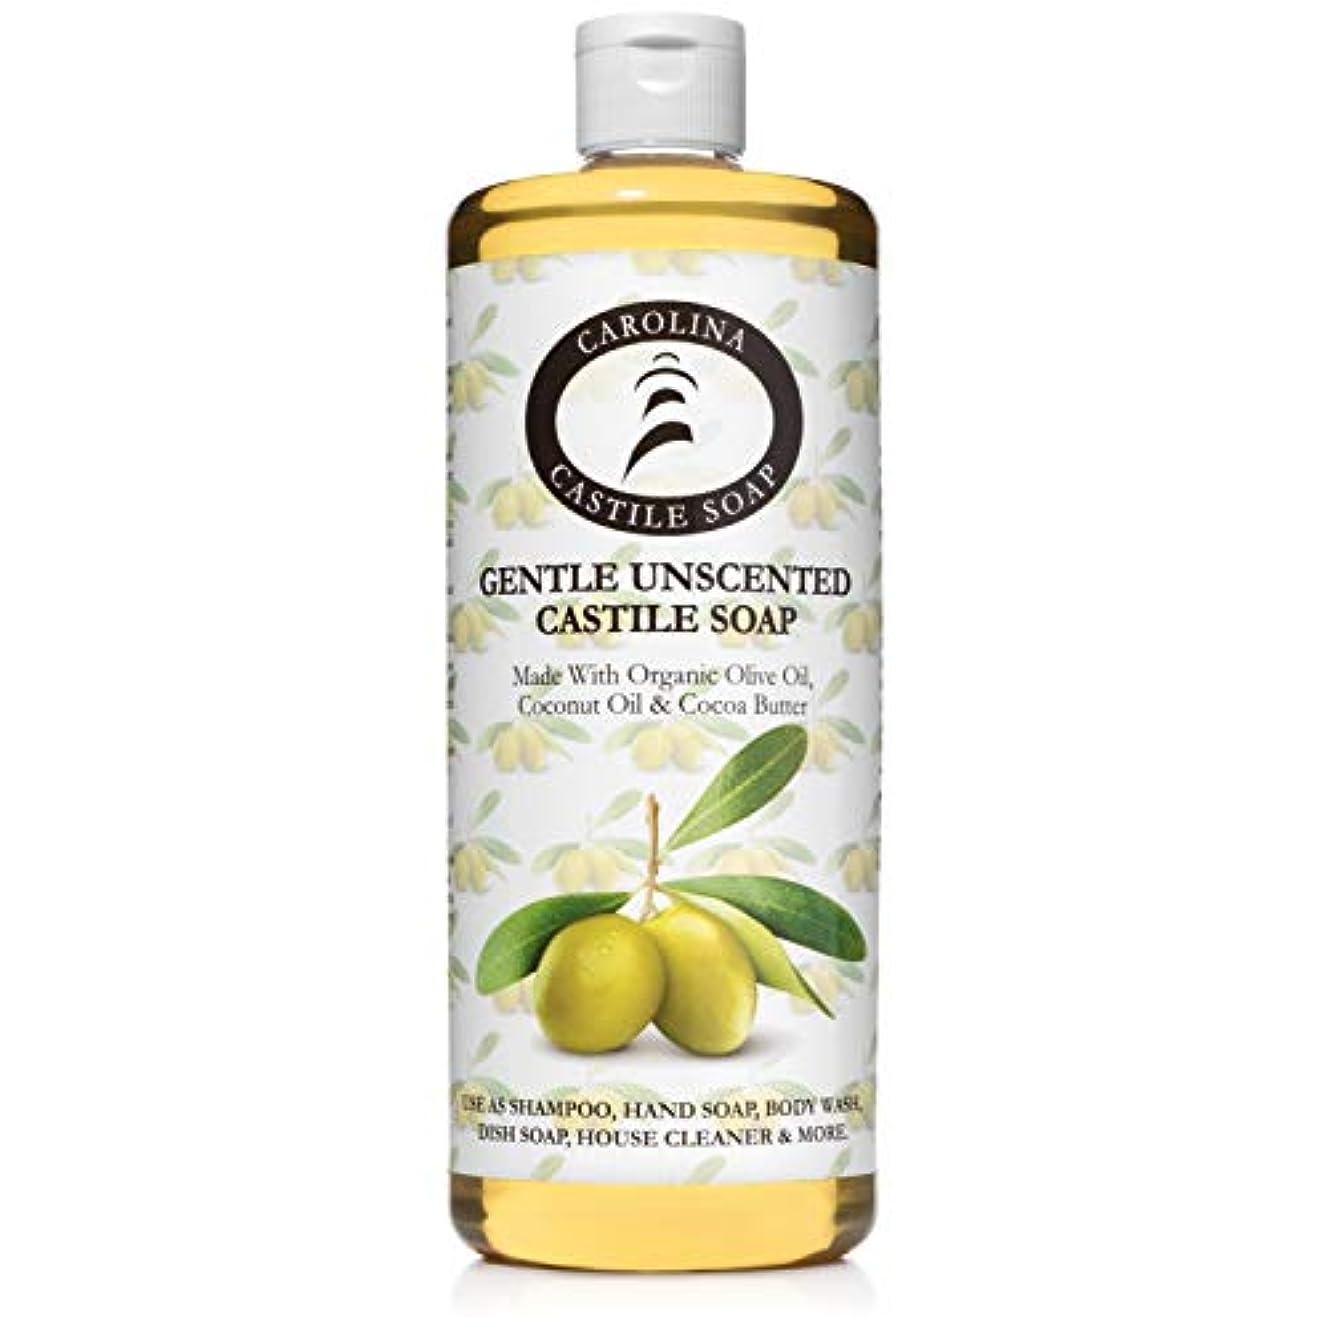 有効な上流の憎しみCarolina Castile Soap ジェントル無香料認定オーガニック 32オズ